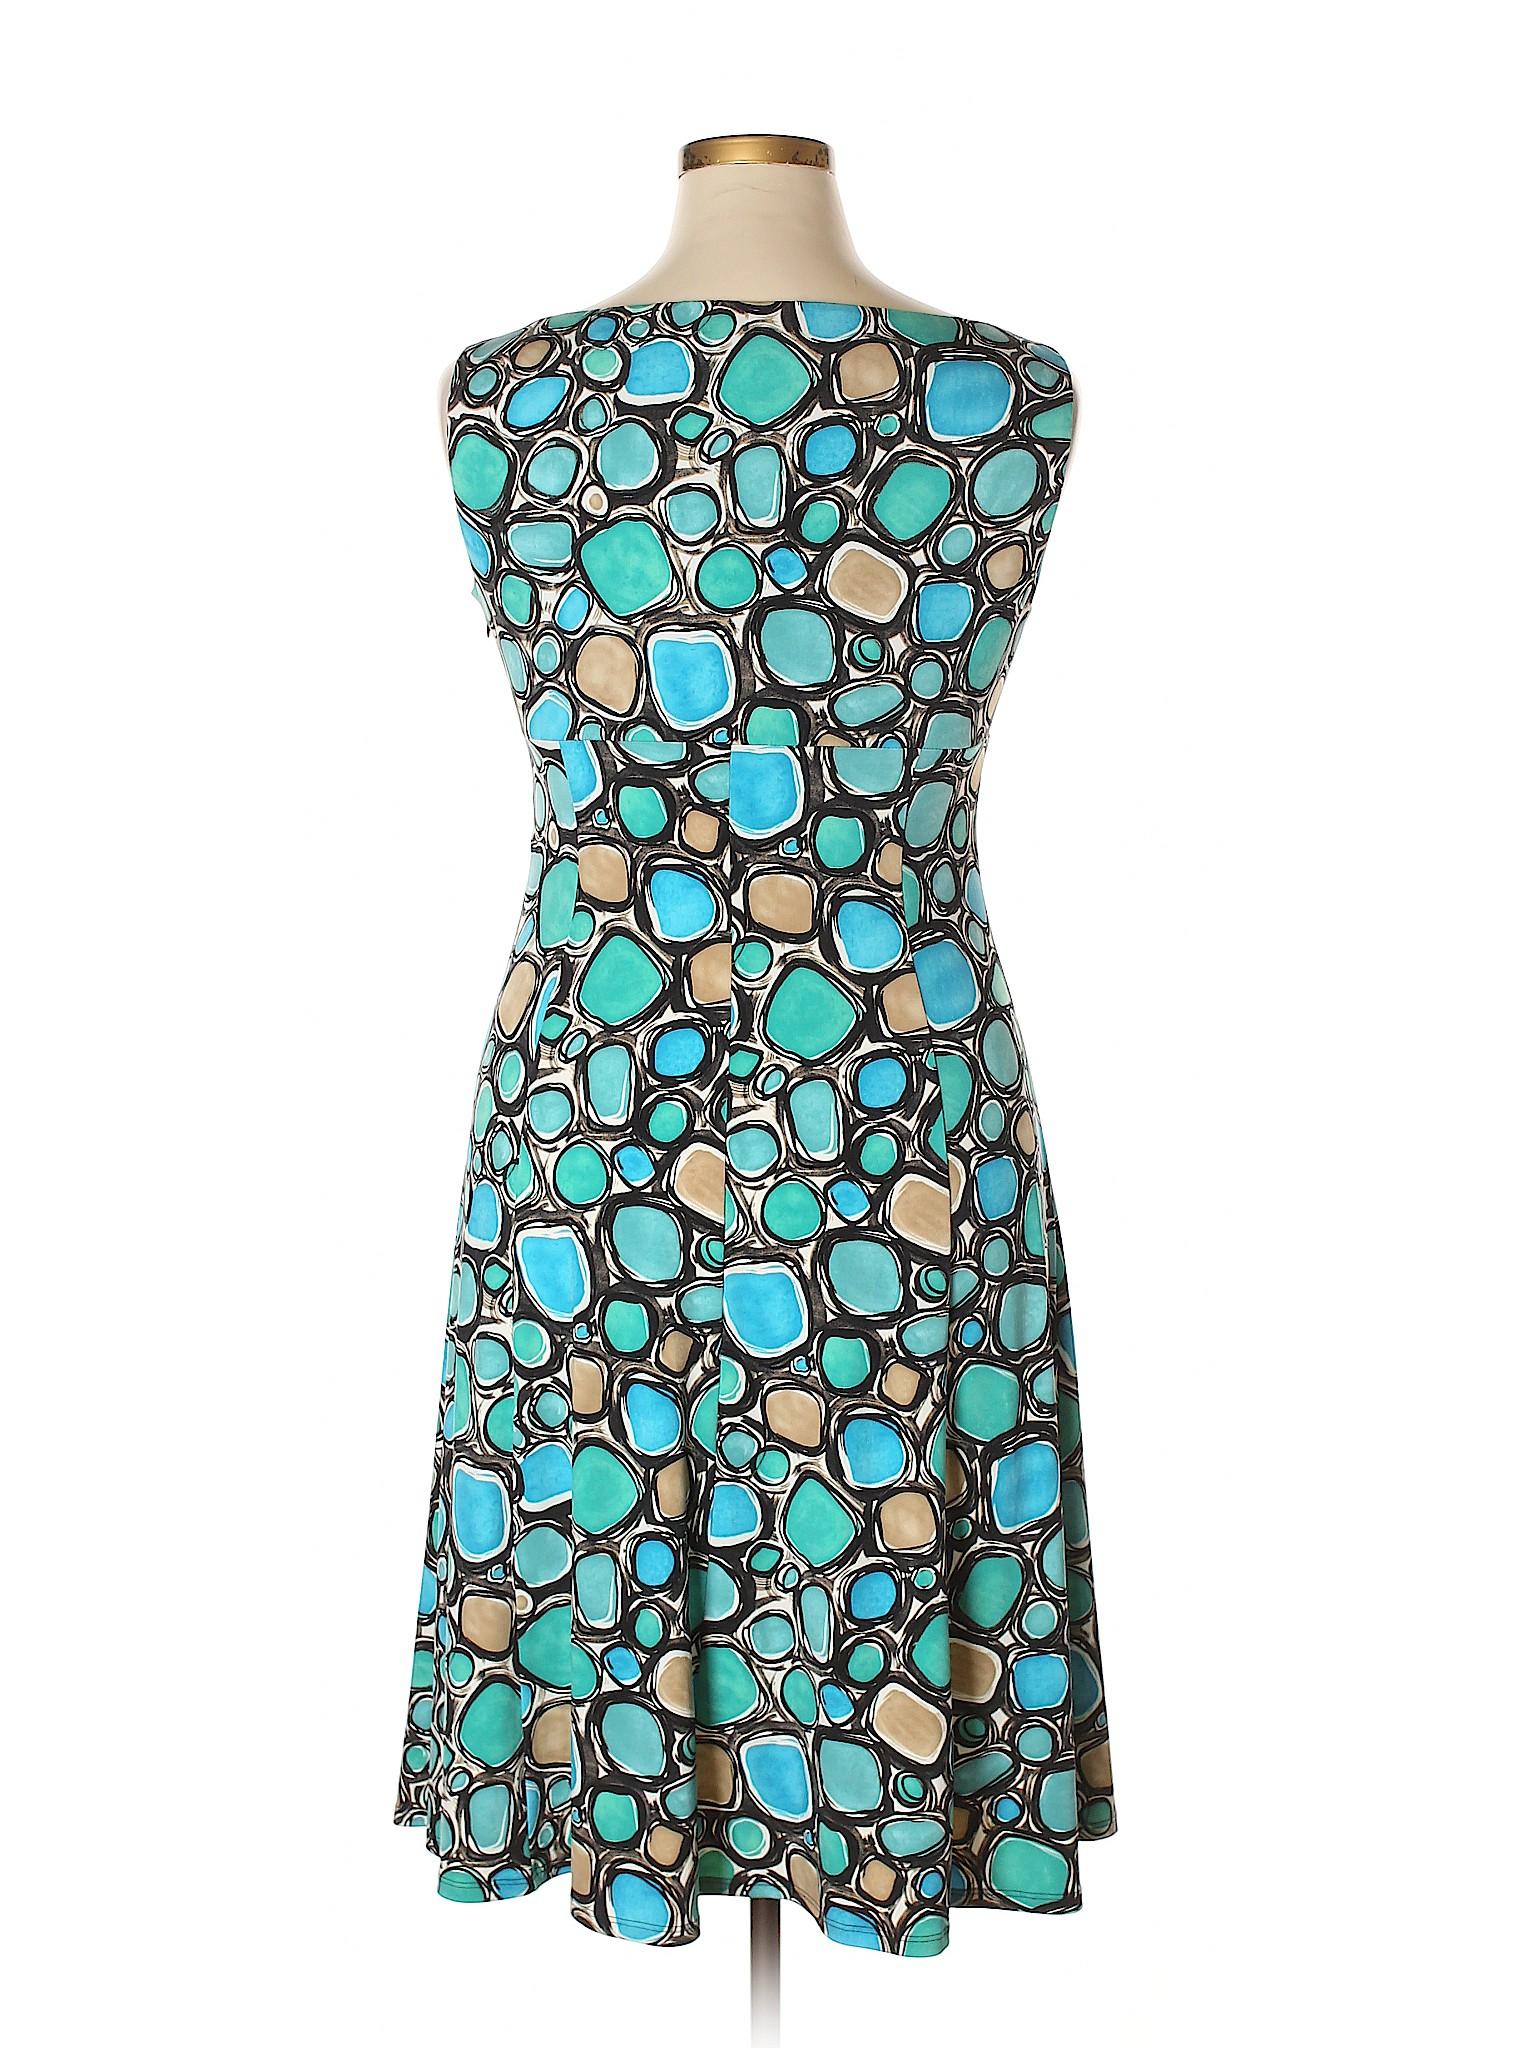 Picone Picone Casual Casual Picone Dress Evan Evan Evan Selling Selling Dress Selling Casual awxRqR5Ufv